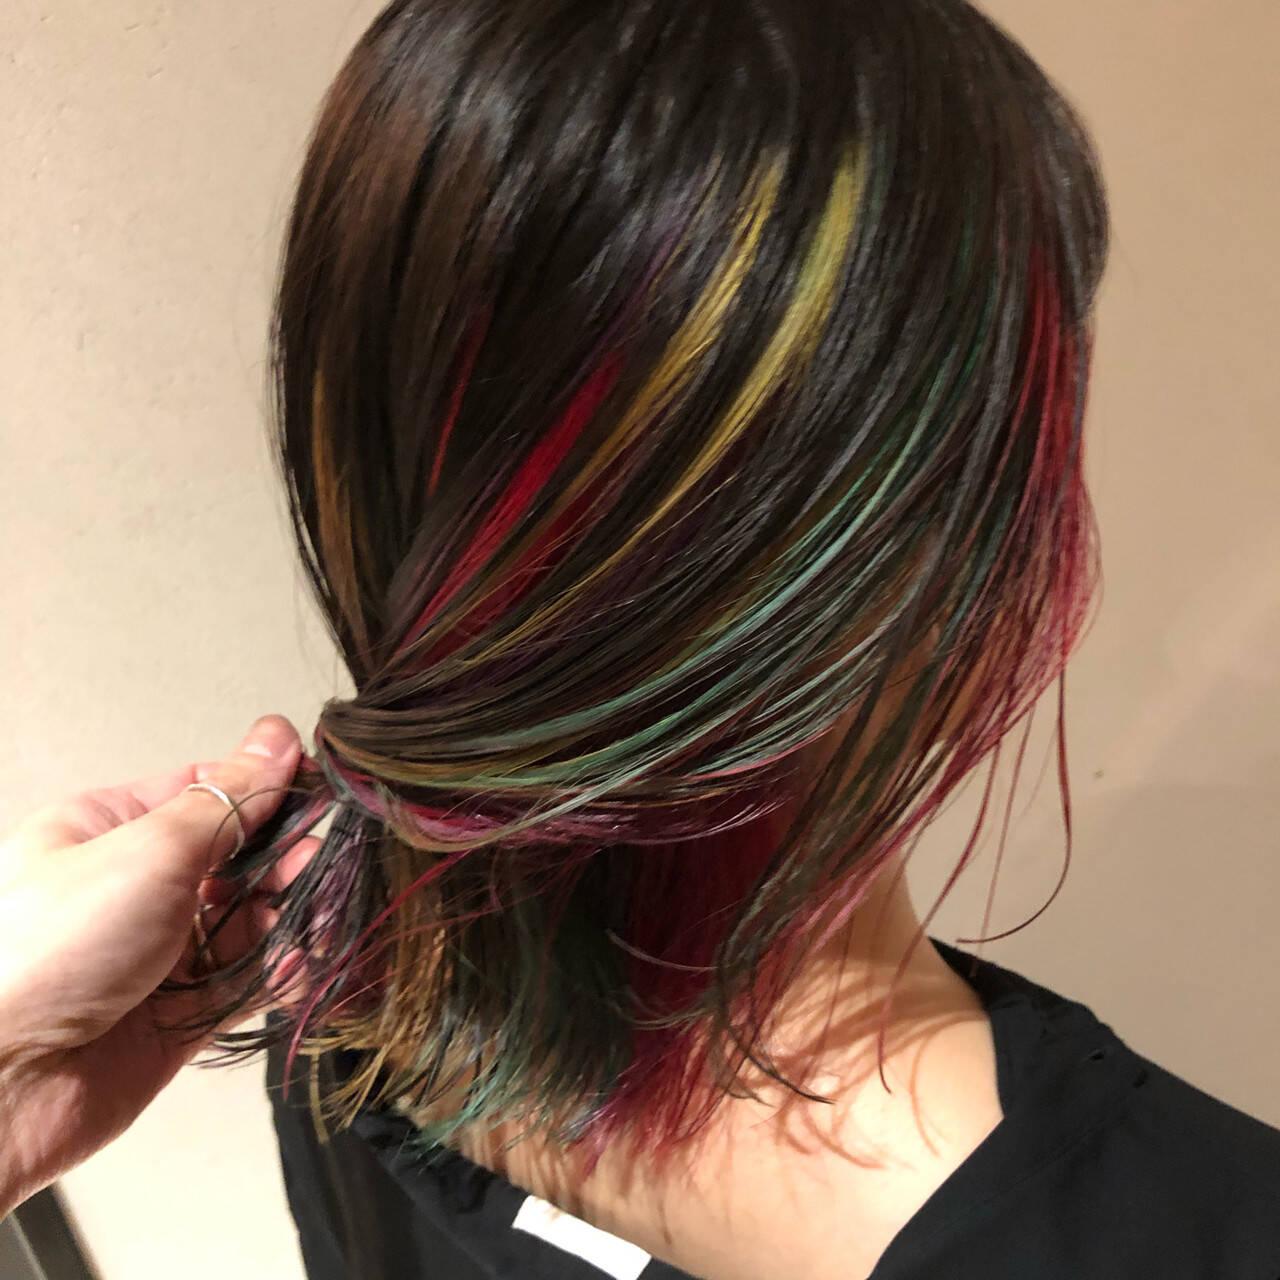 インナーカラーバイオレット ユニコーン ユニコーンカラー ミディアムヘアスタイルや髪型の写真・画像